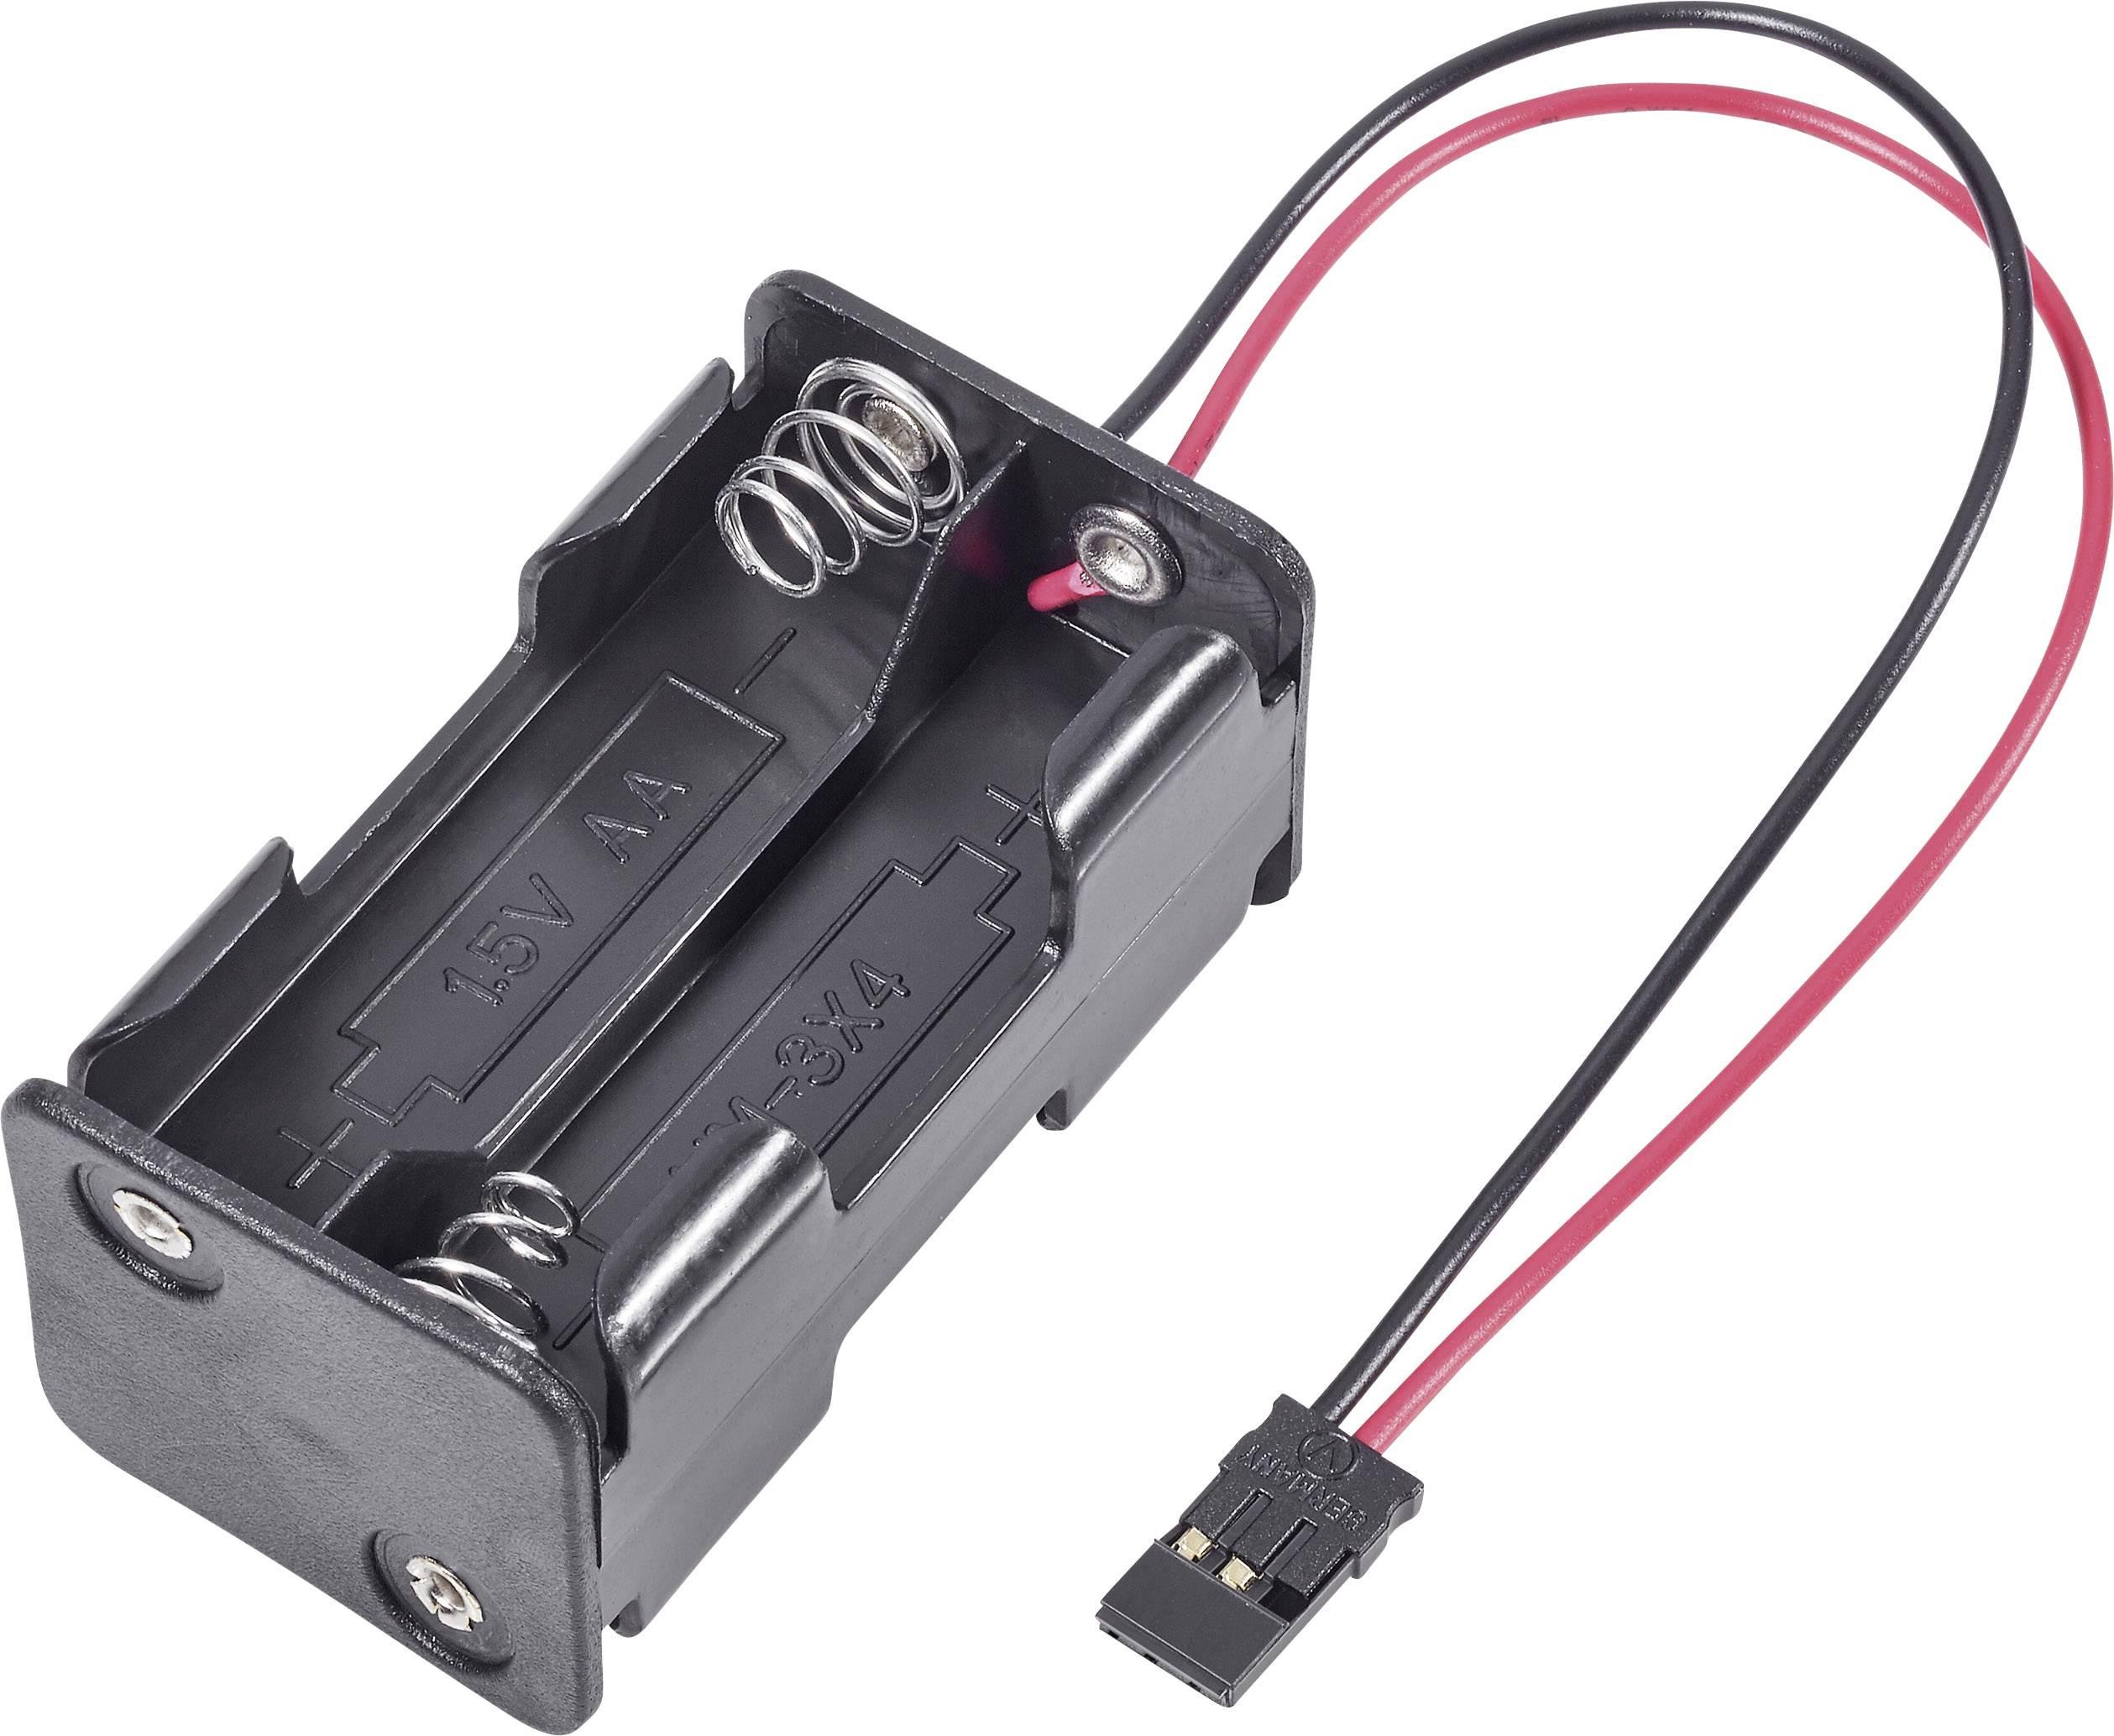 Napájecí kabel k přijímači modelu